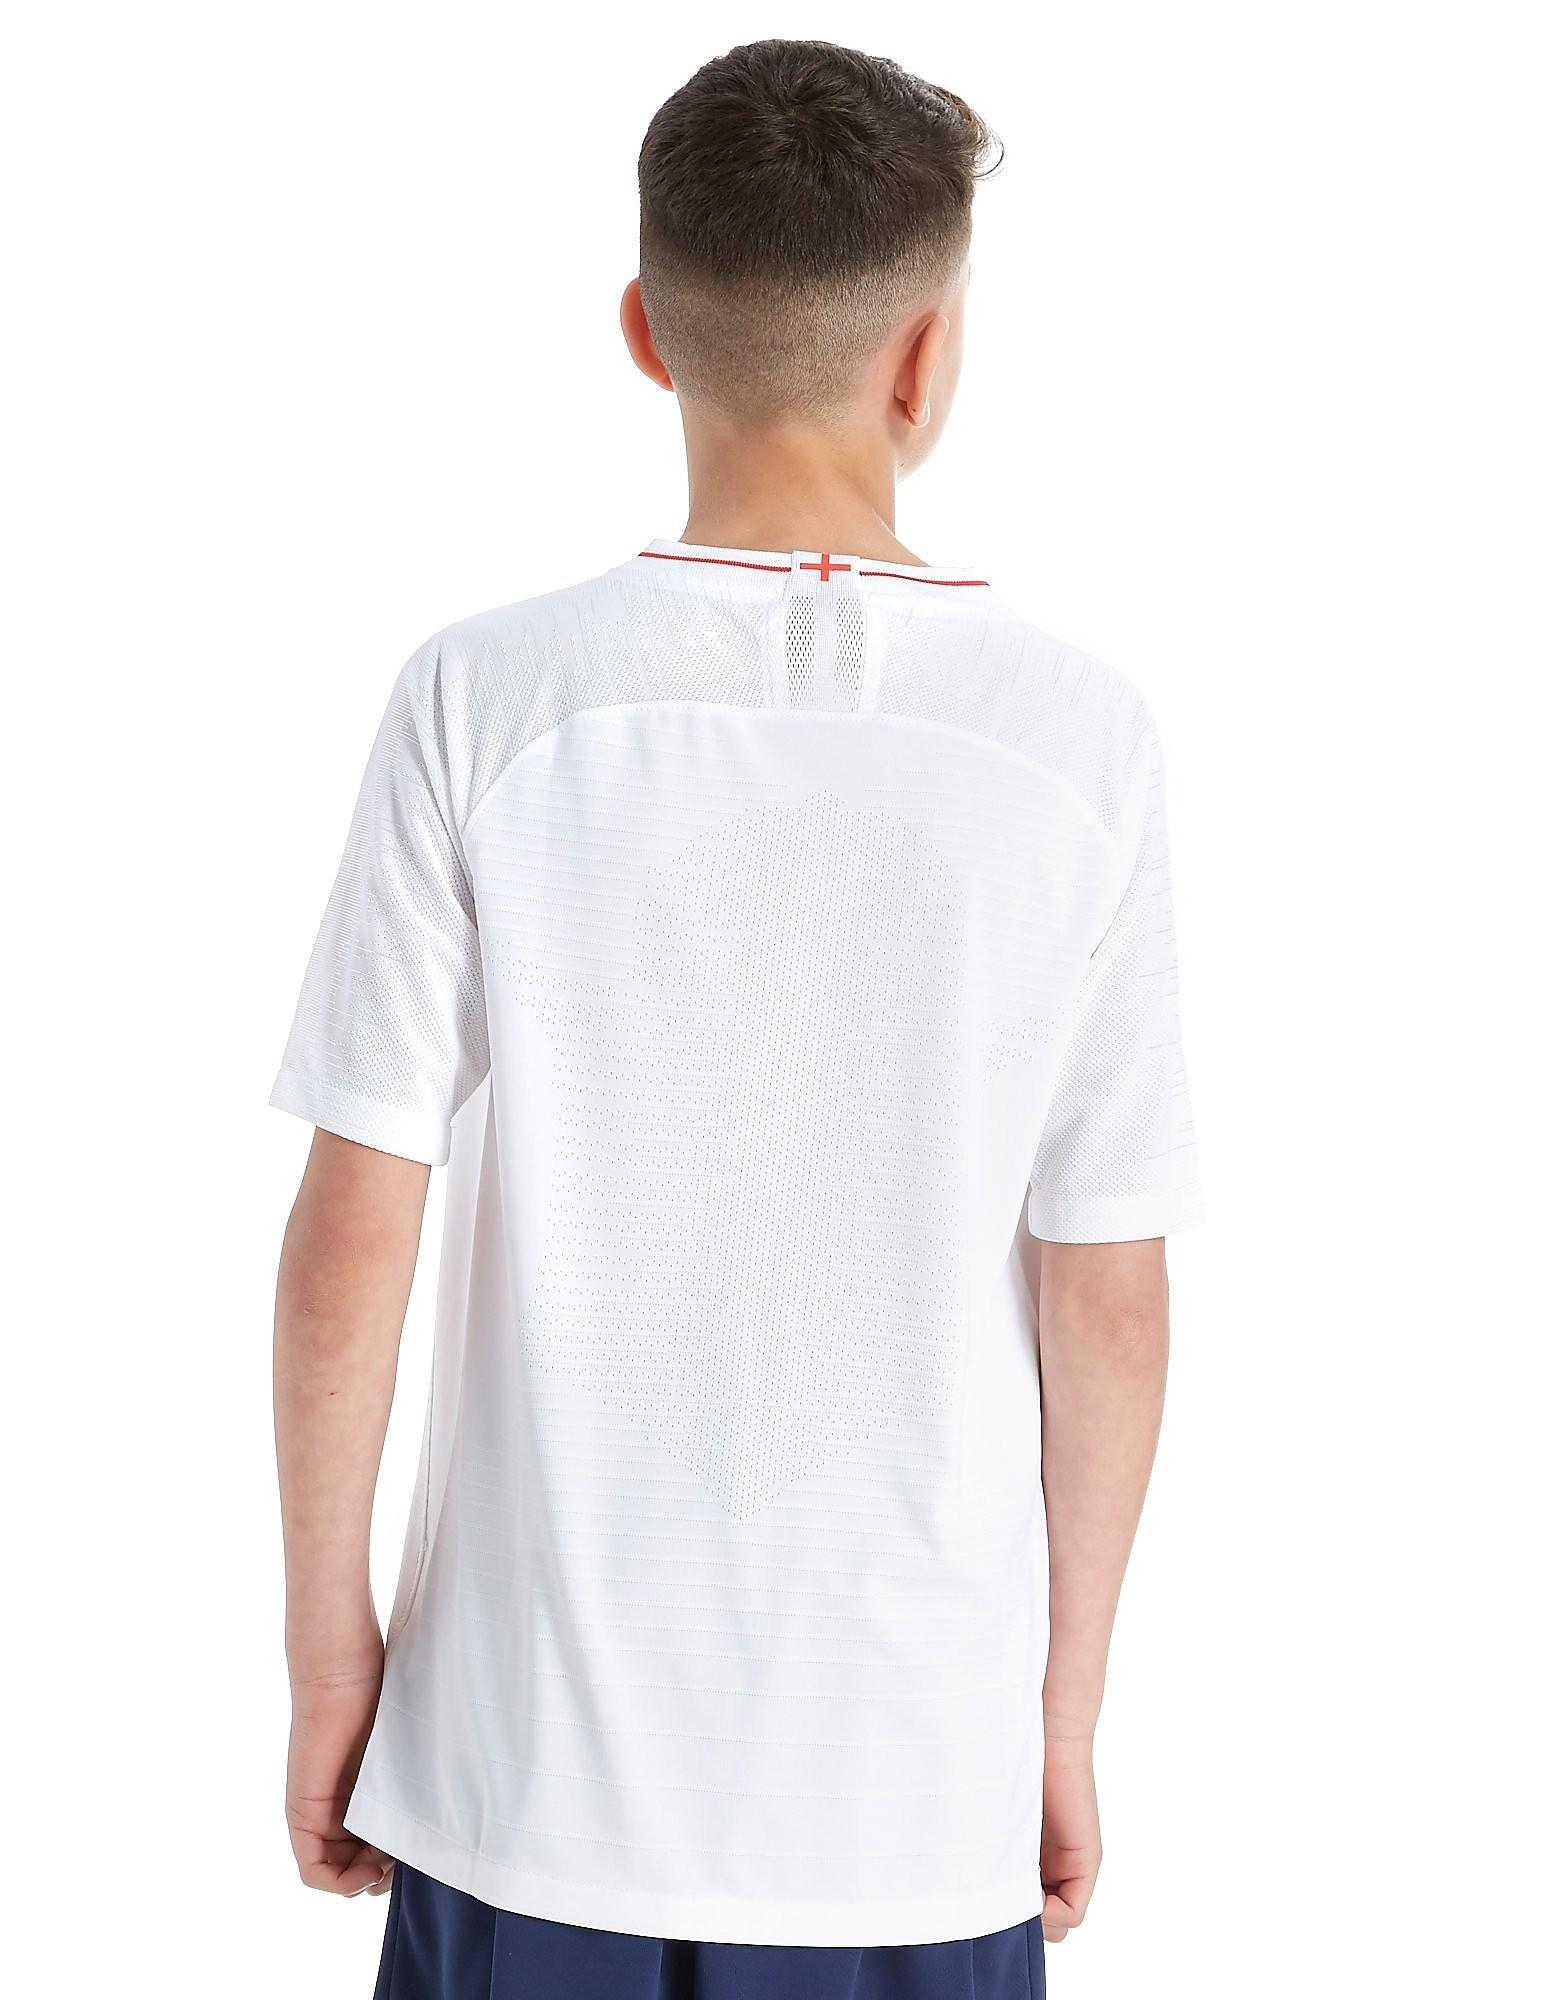 Nike England 2018 Home Vapor Shirt Junior FÖRBESTÄLLNING